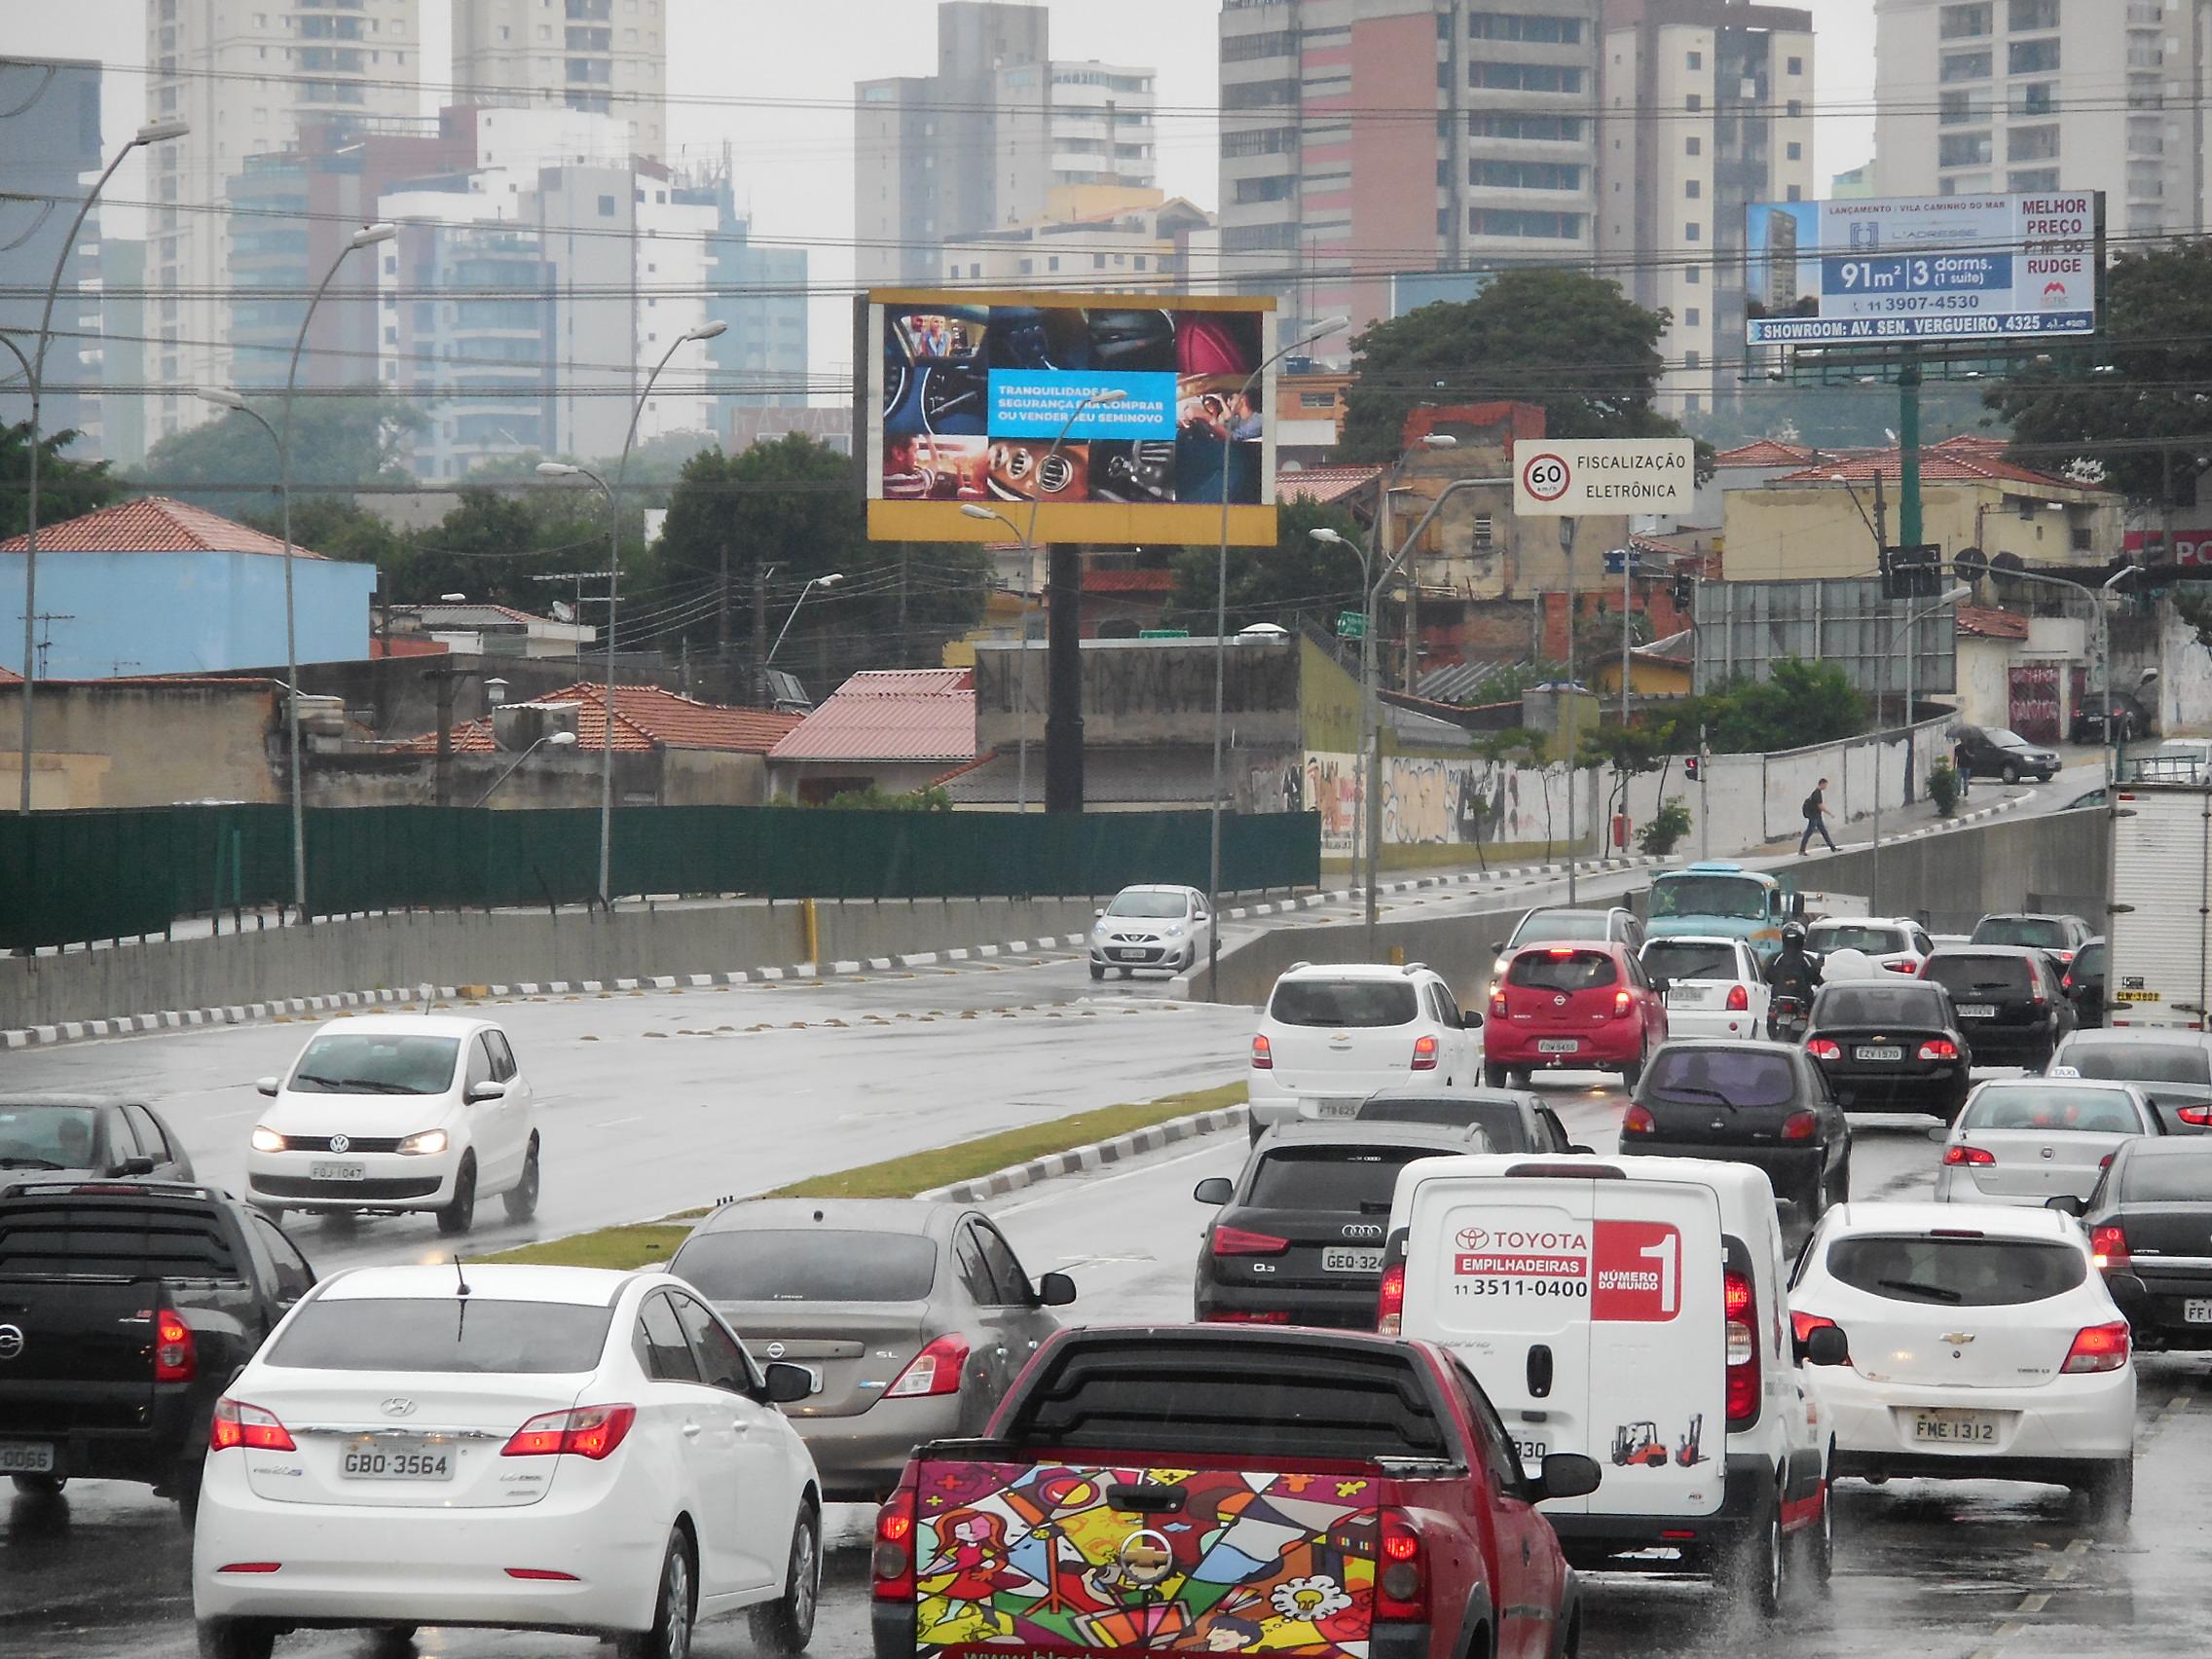 Avenida Lions - São Bernardo do Campo